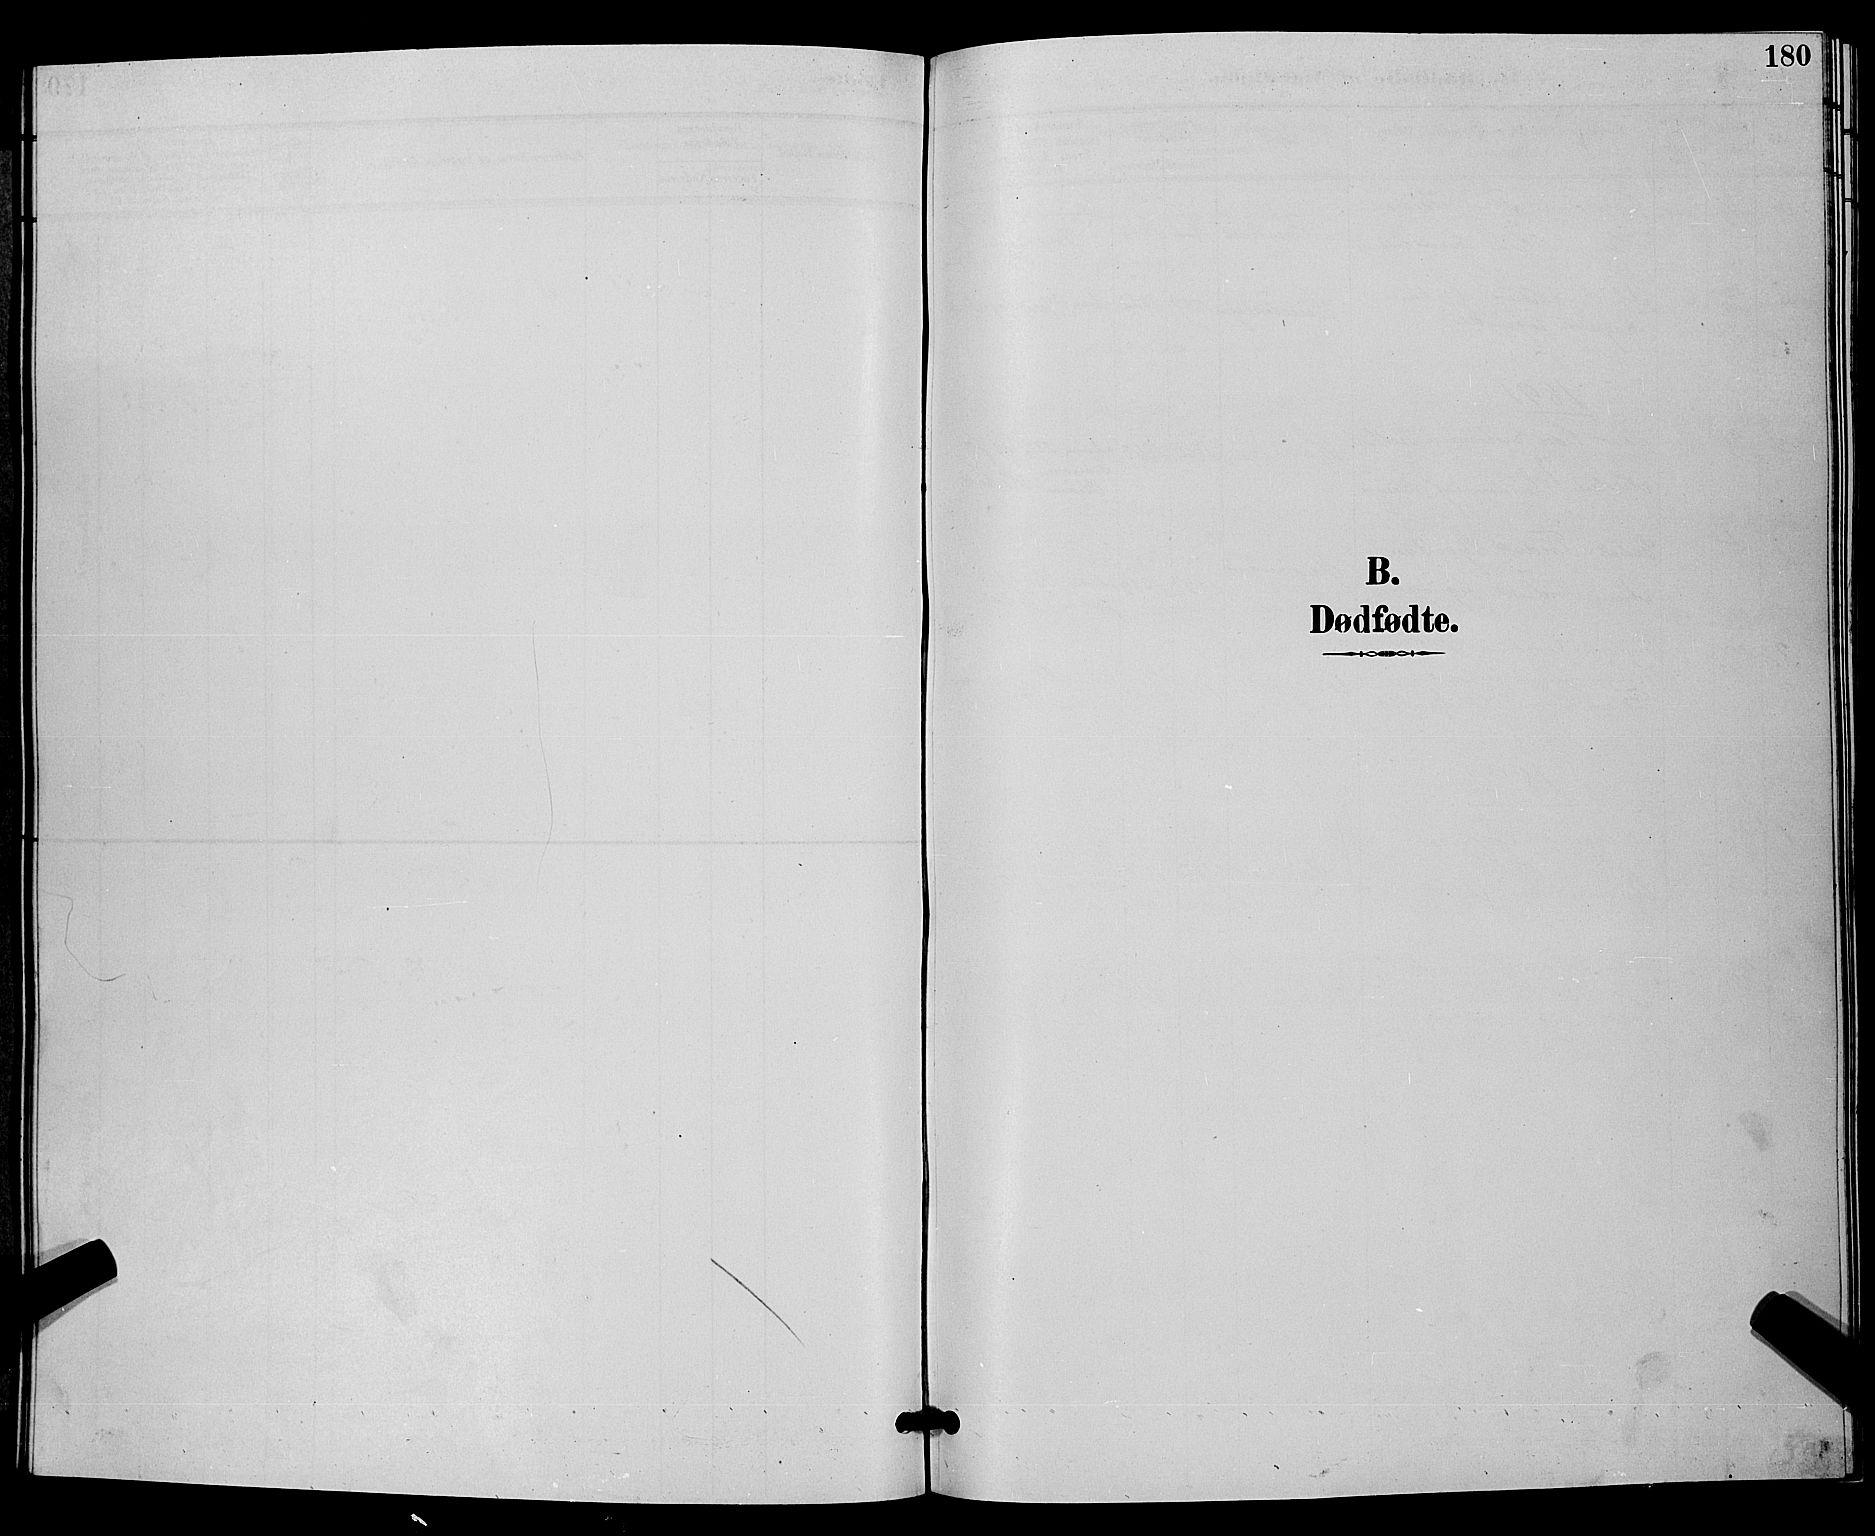 SAKO, Bamble kirkebøker, G/Ga/L0009: Klokkerbok nr. I 9, 1888-1900, s. 180